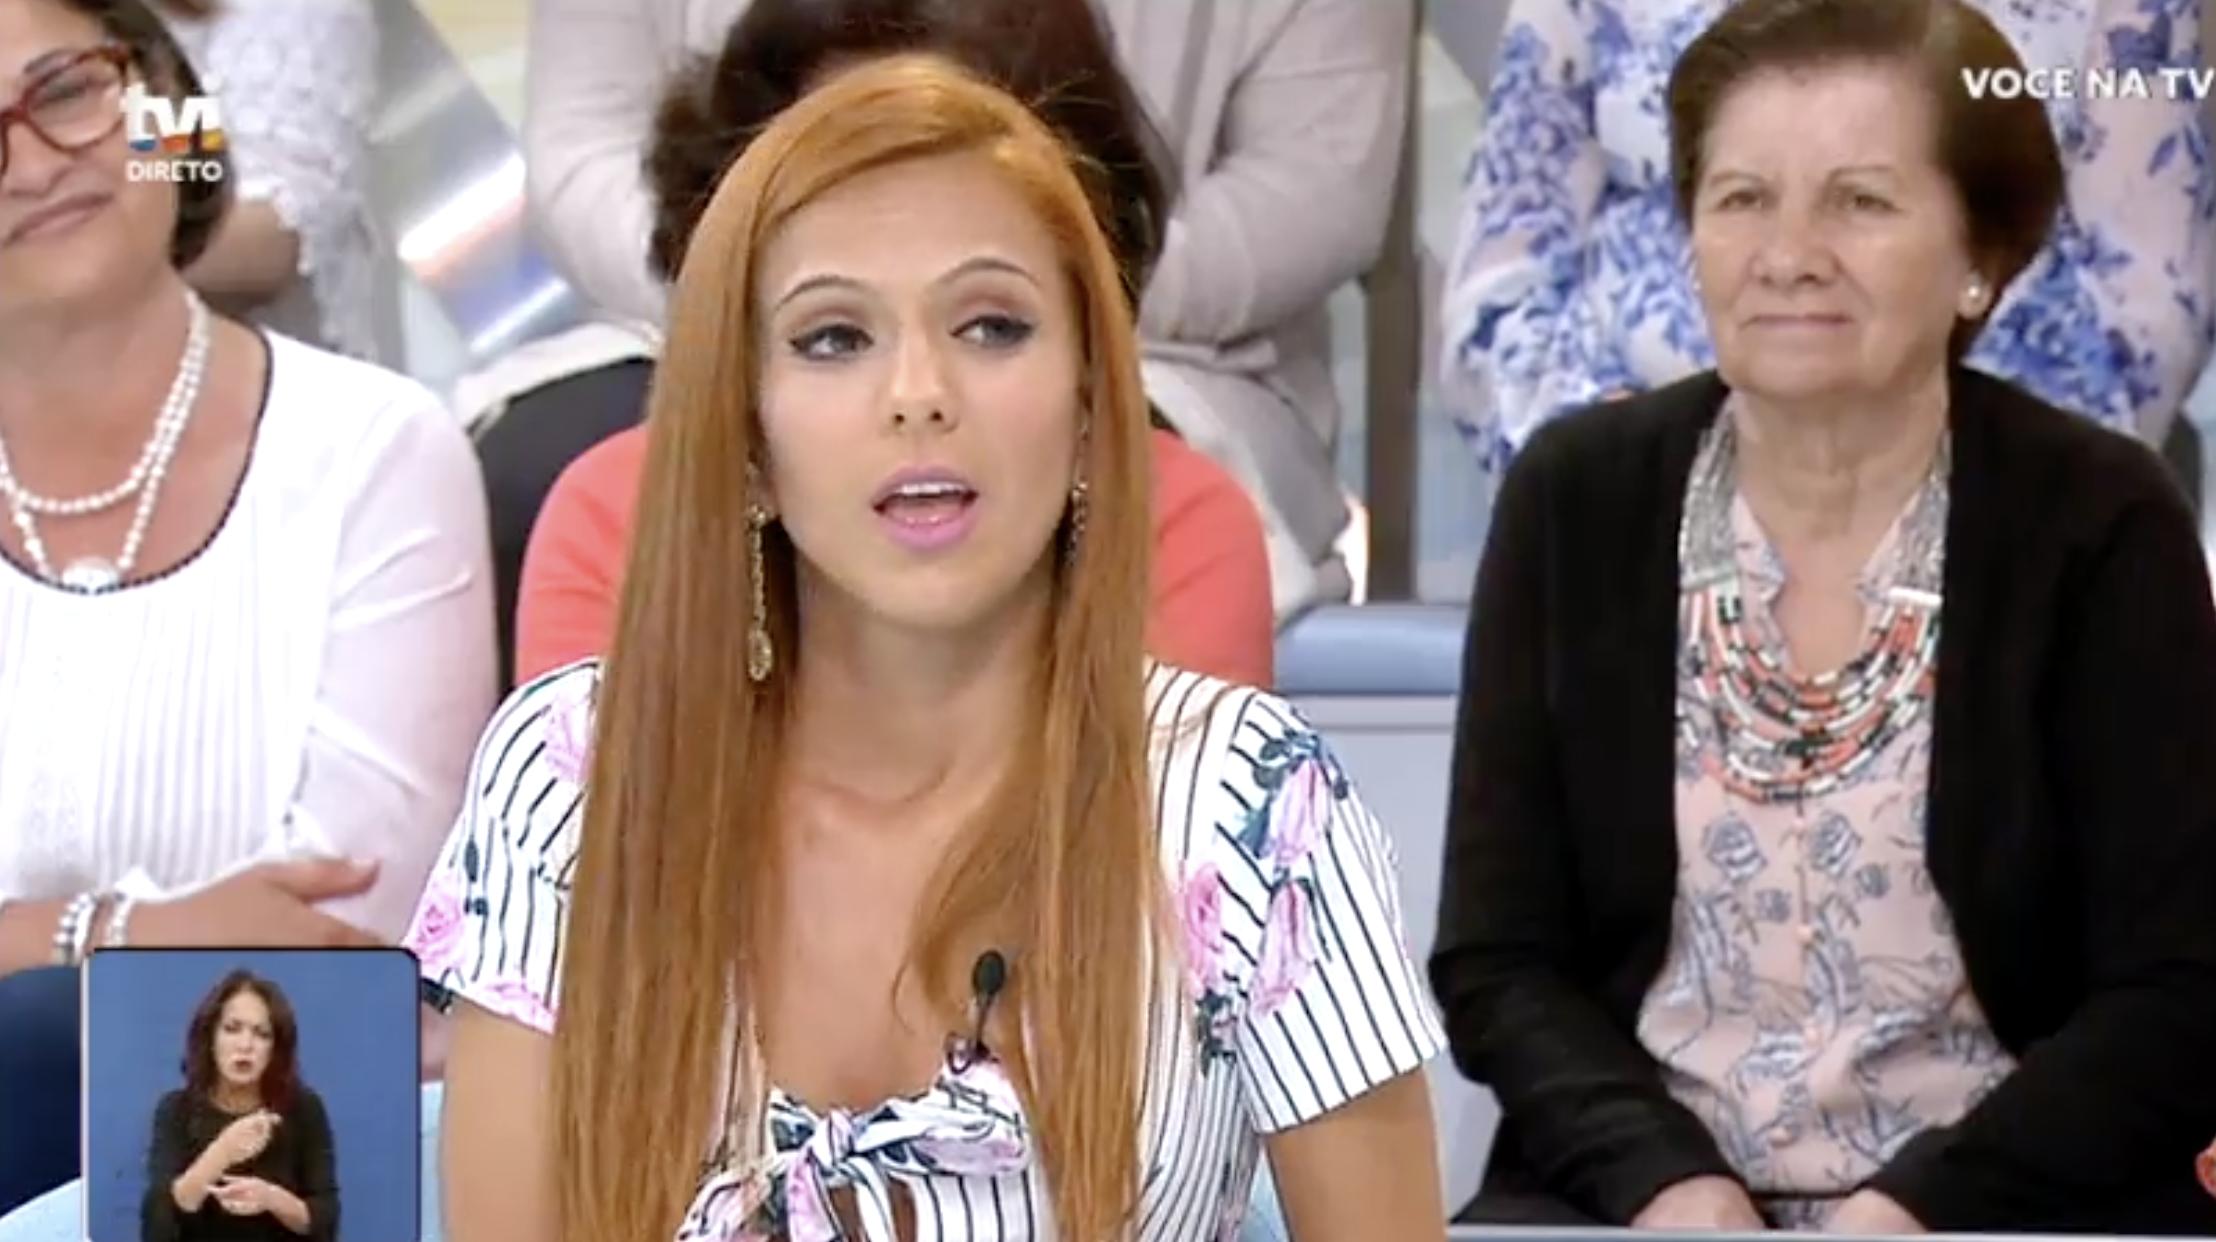 Casa Dos Segredos Gabriela Voce Na Tv Gabriela Sobre Late Night Secret: «A Helena Fez Figuras Tão Tristes»